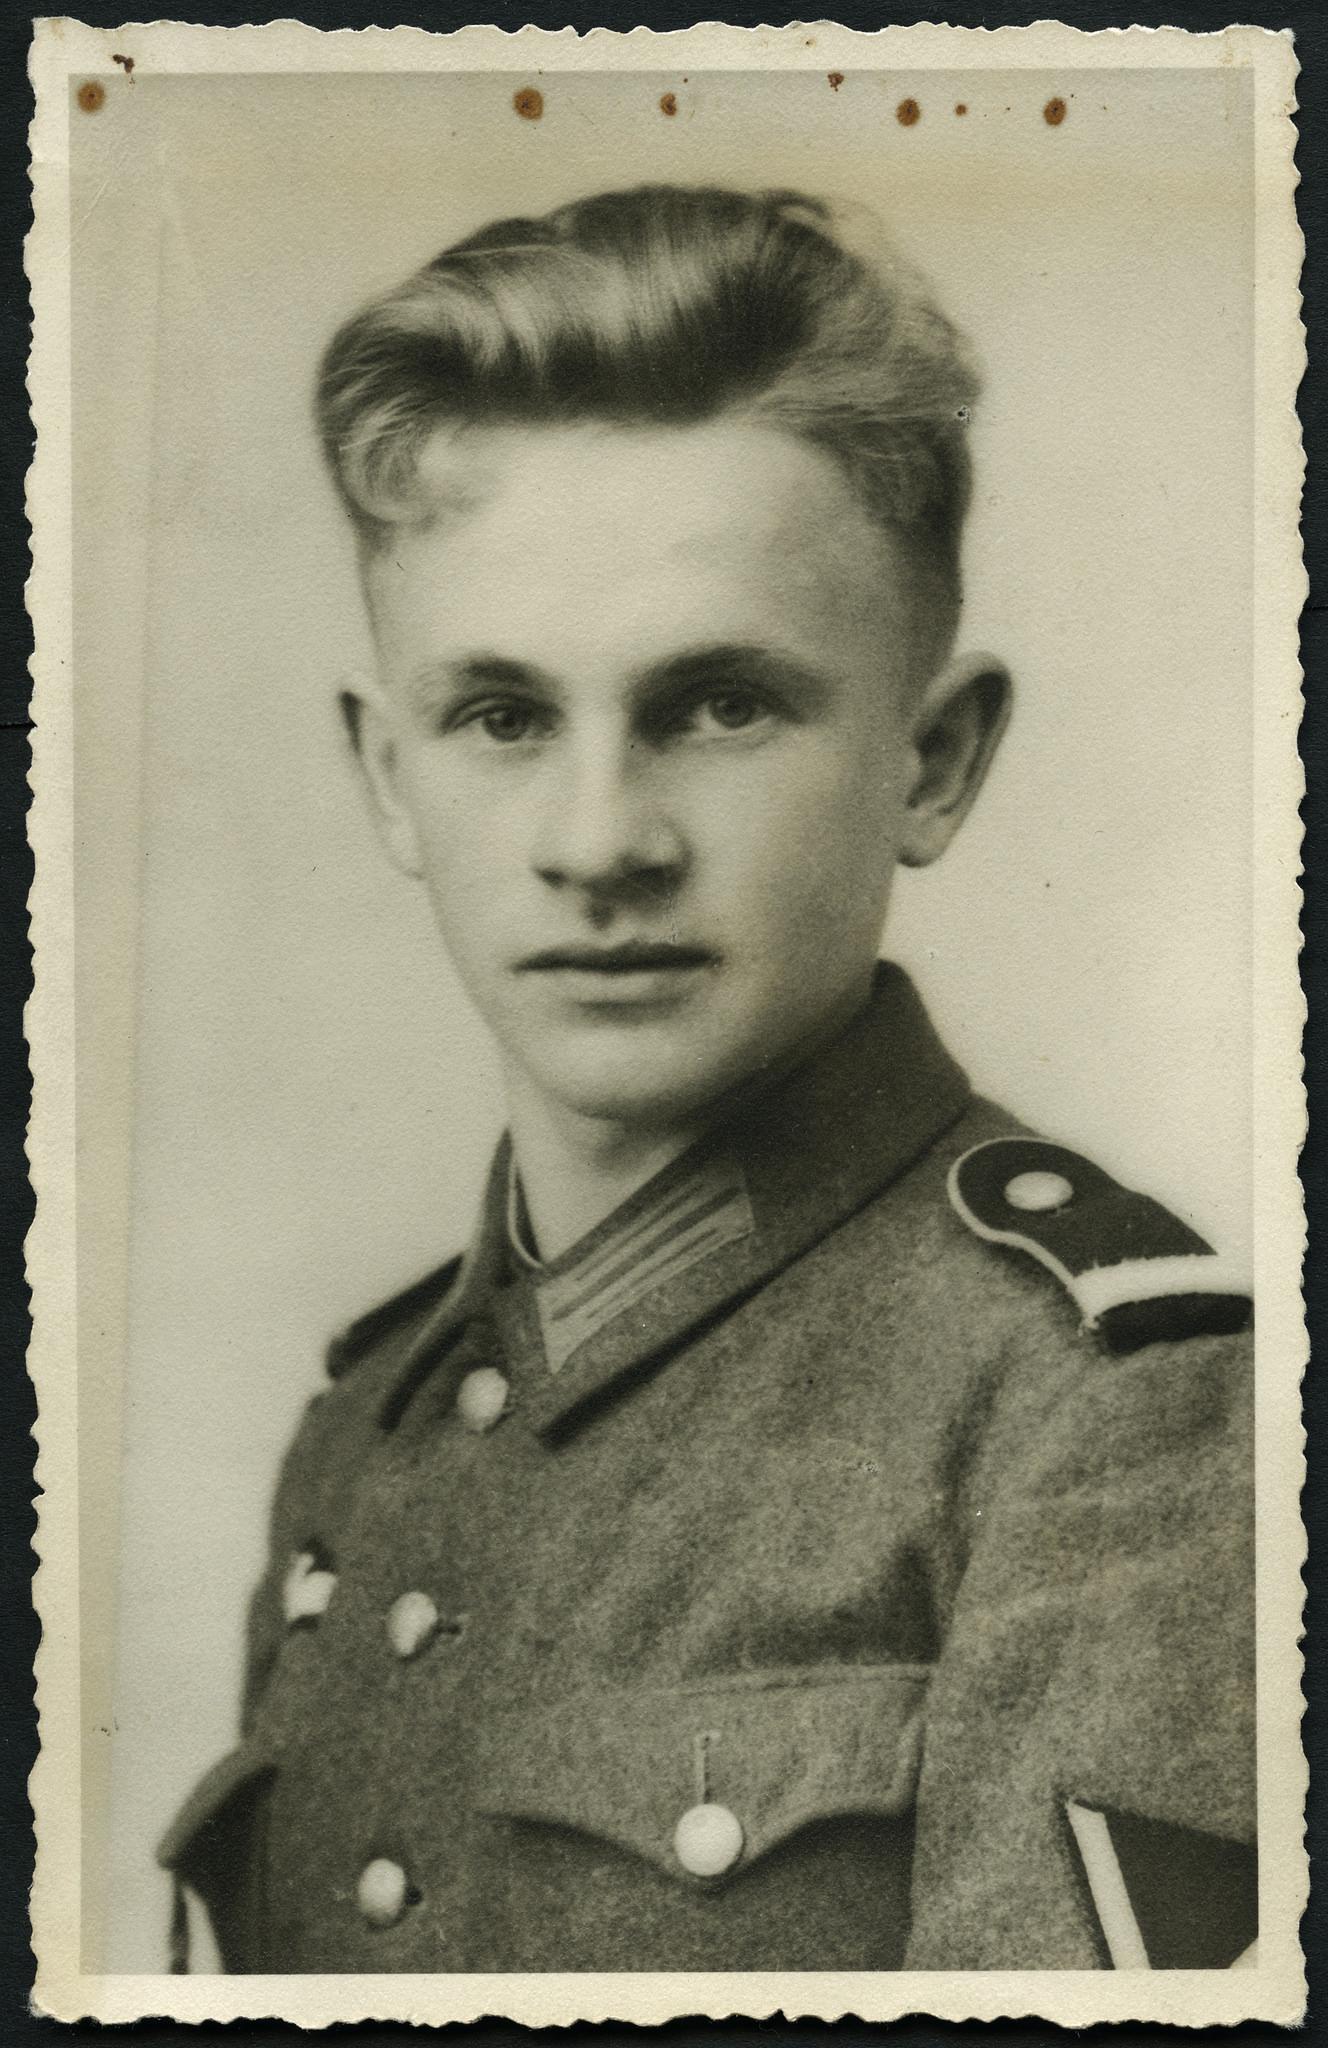 Deutscher Haarschnitt  The World s Best s of 1940s and haircut Flickr Hive